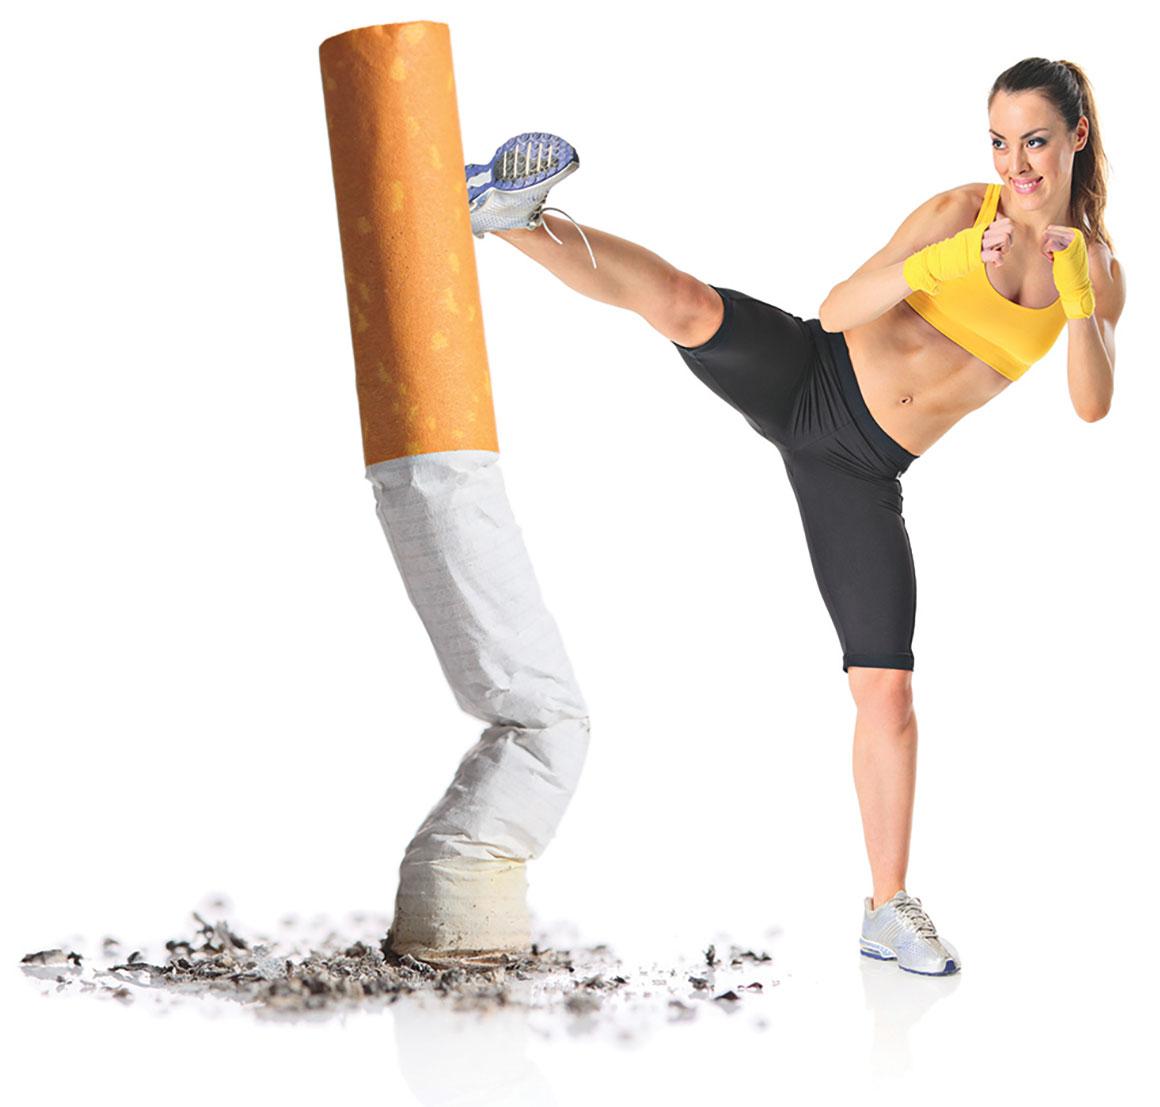 Κύρια φωτογραφία για το άρθρο: Κάπνισμα και φυσική δραστηριότητα